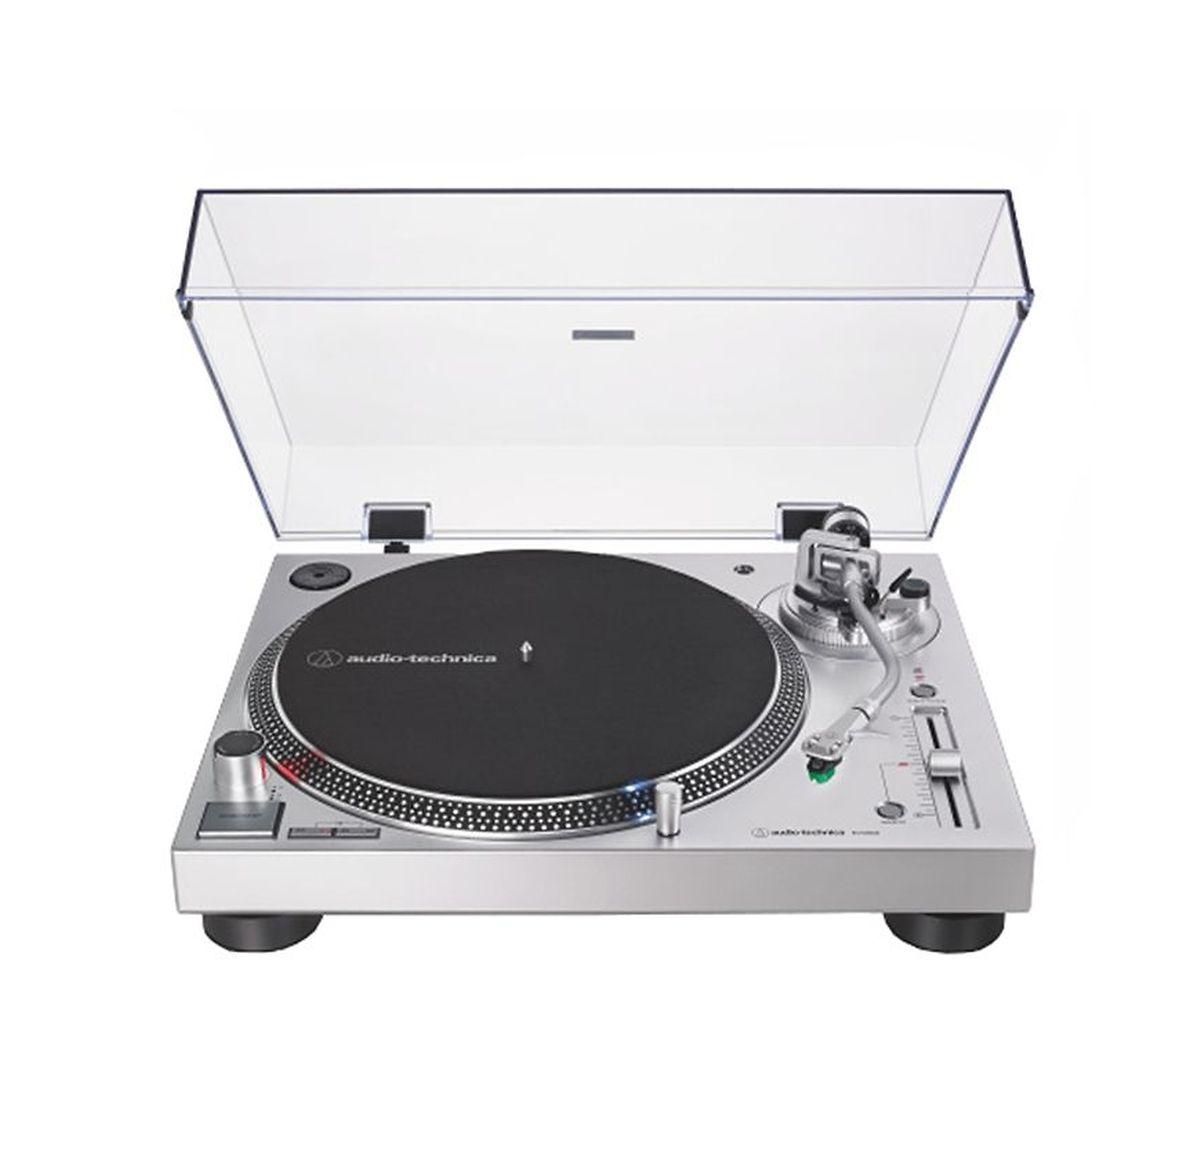 AT-LP120XUSB von Audio-Technica, um 270 Euro.